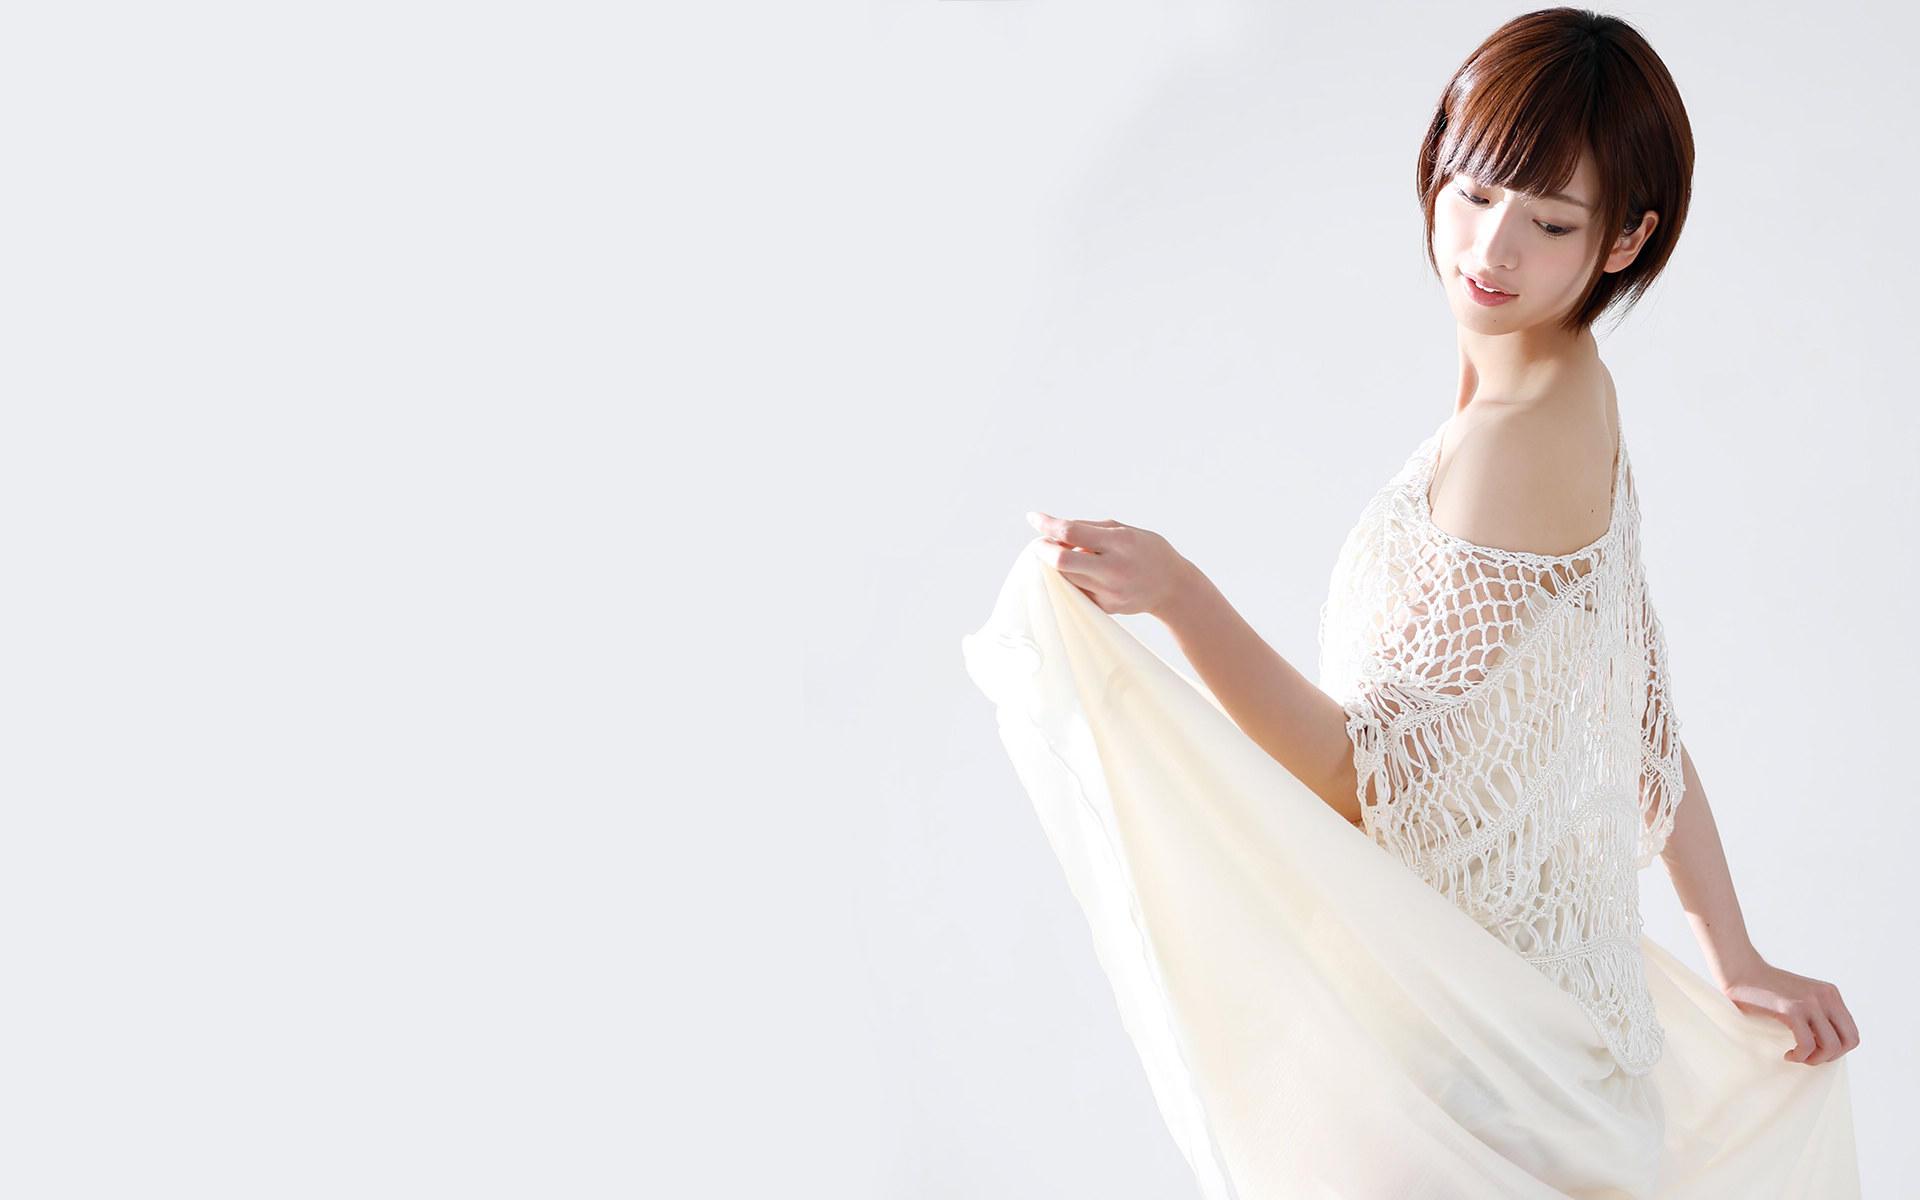 日本美女桥本奈奈性感写真桌面壁纸